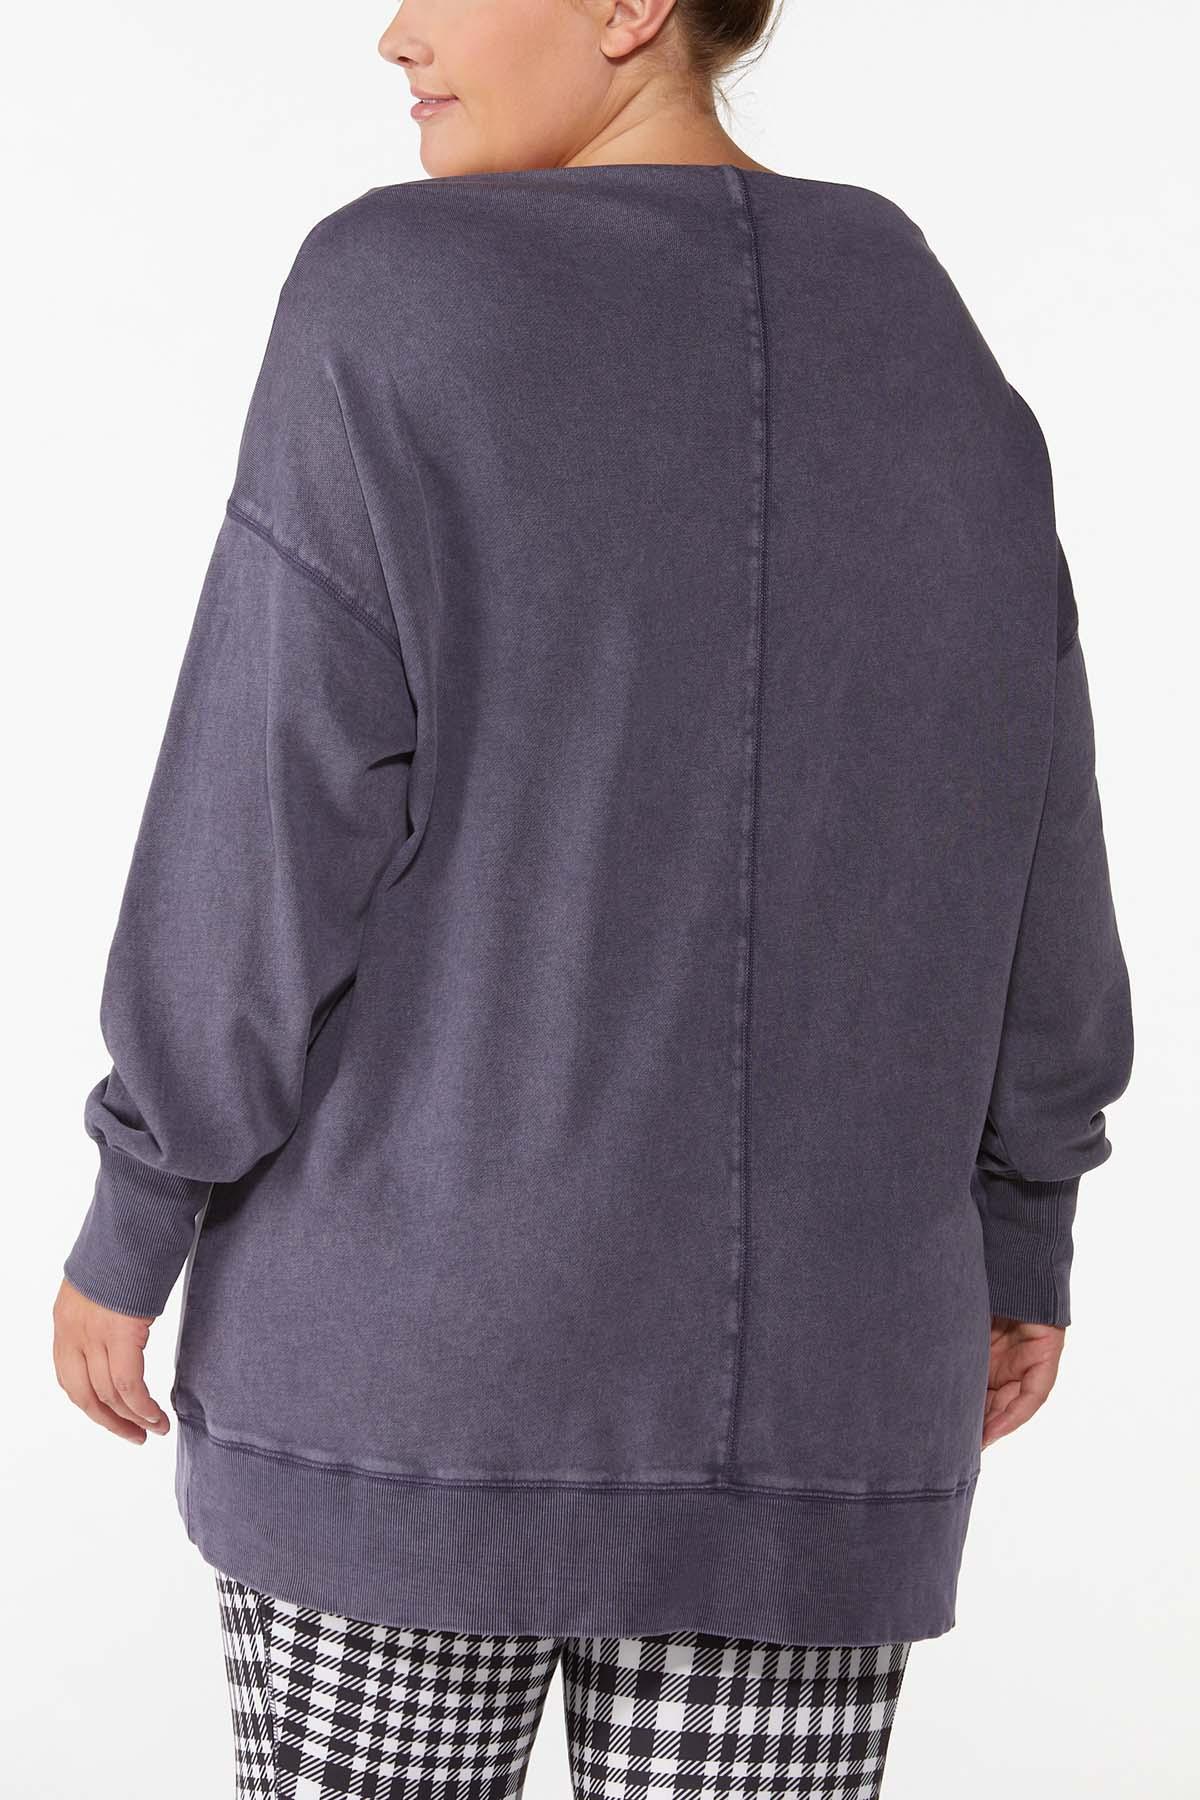 Plus Size Slouch Oversized Sweatshirt (Item #44698286)